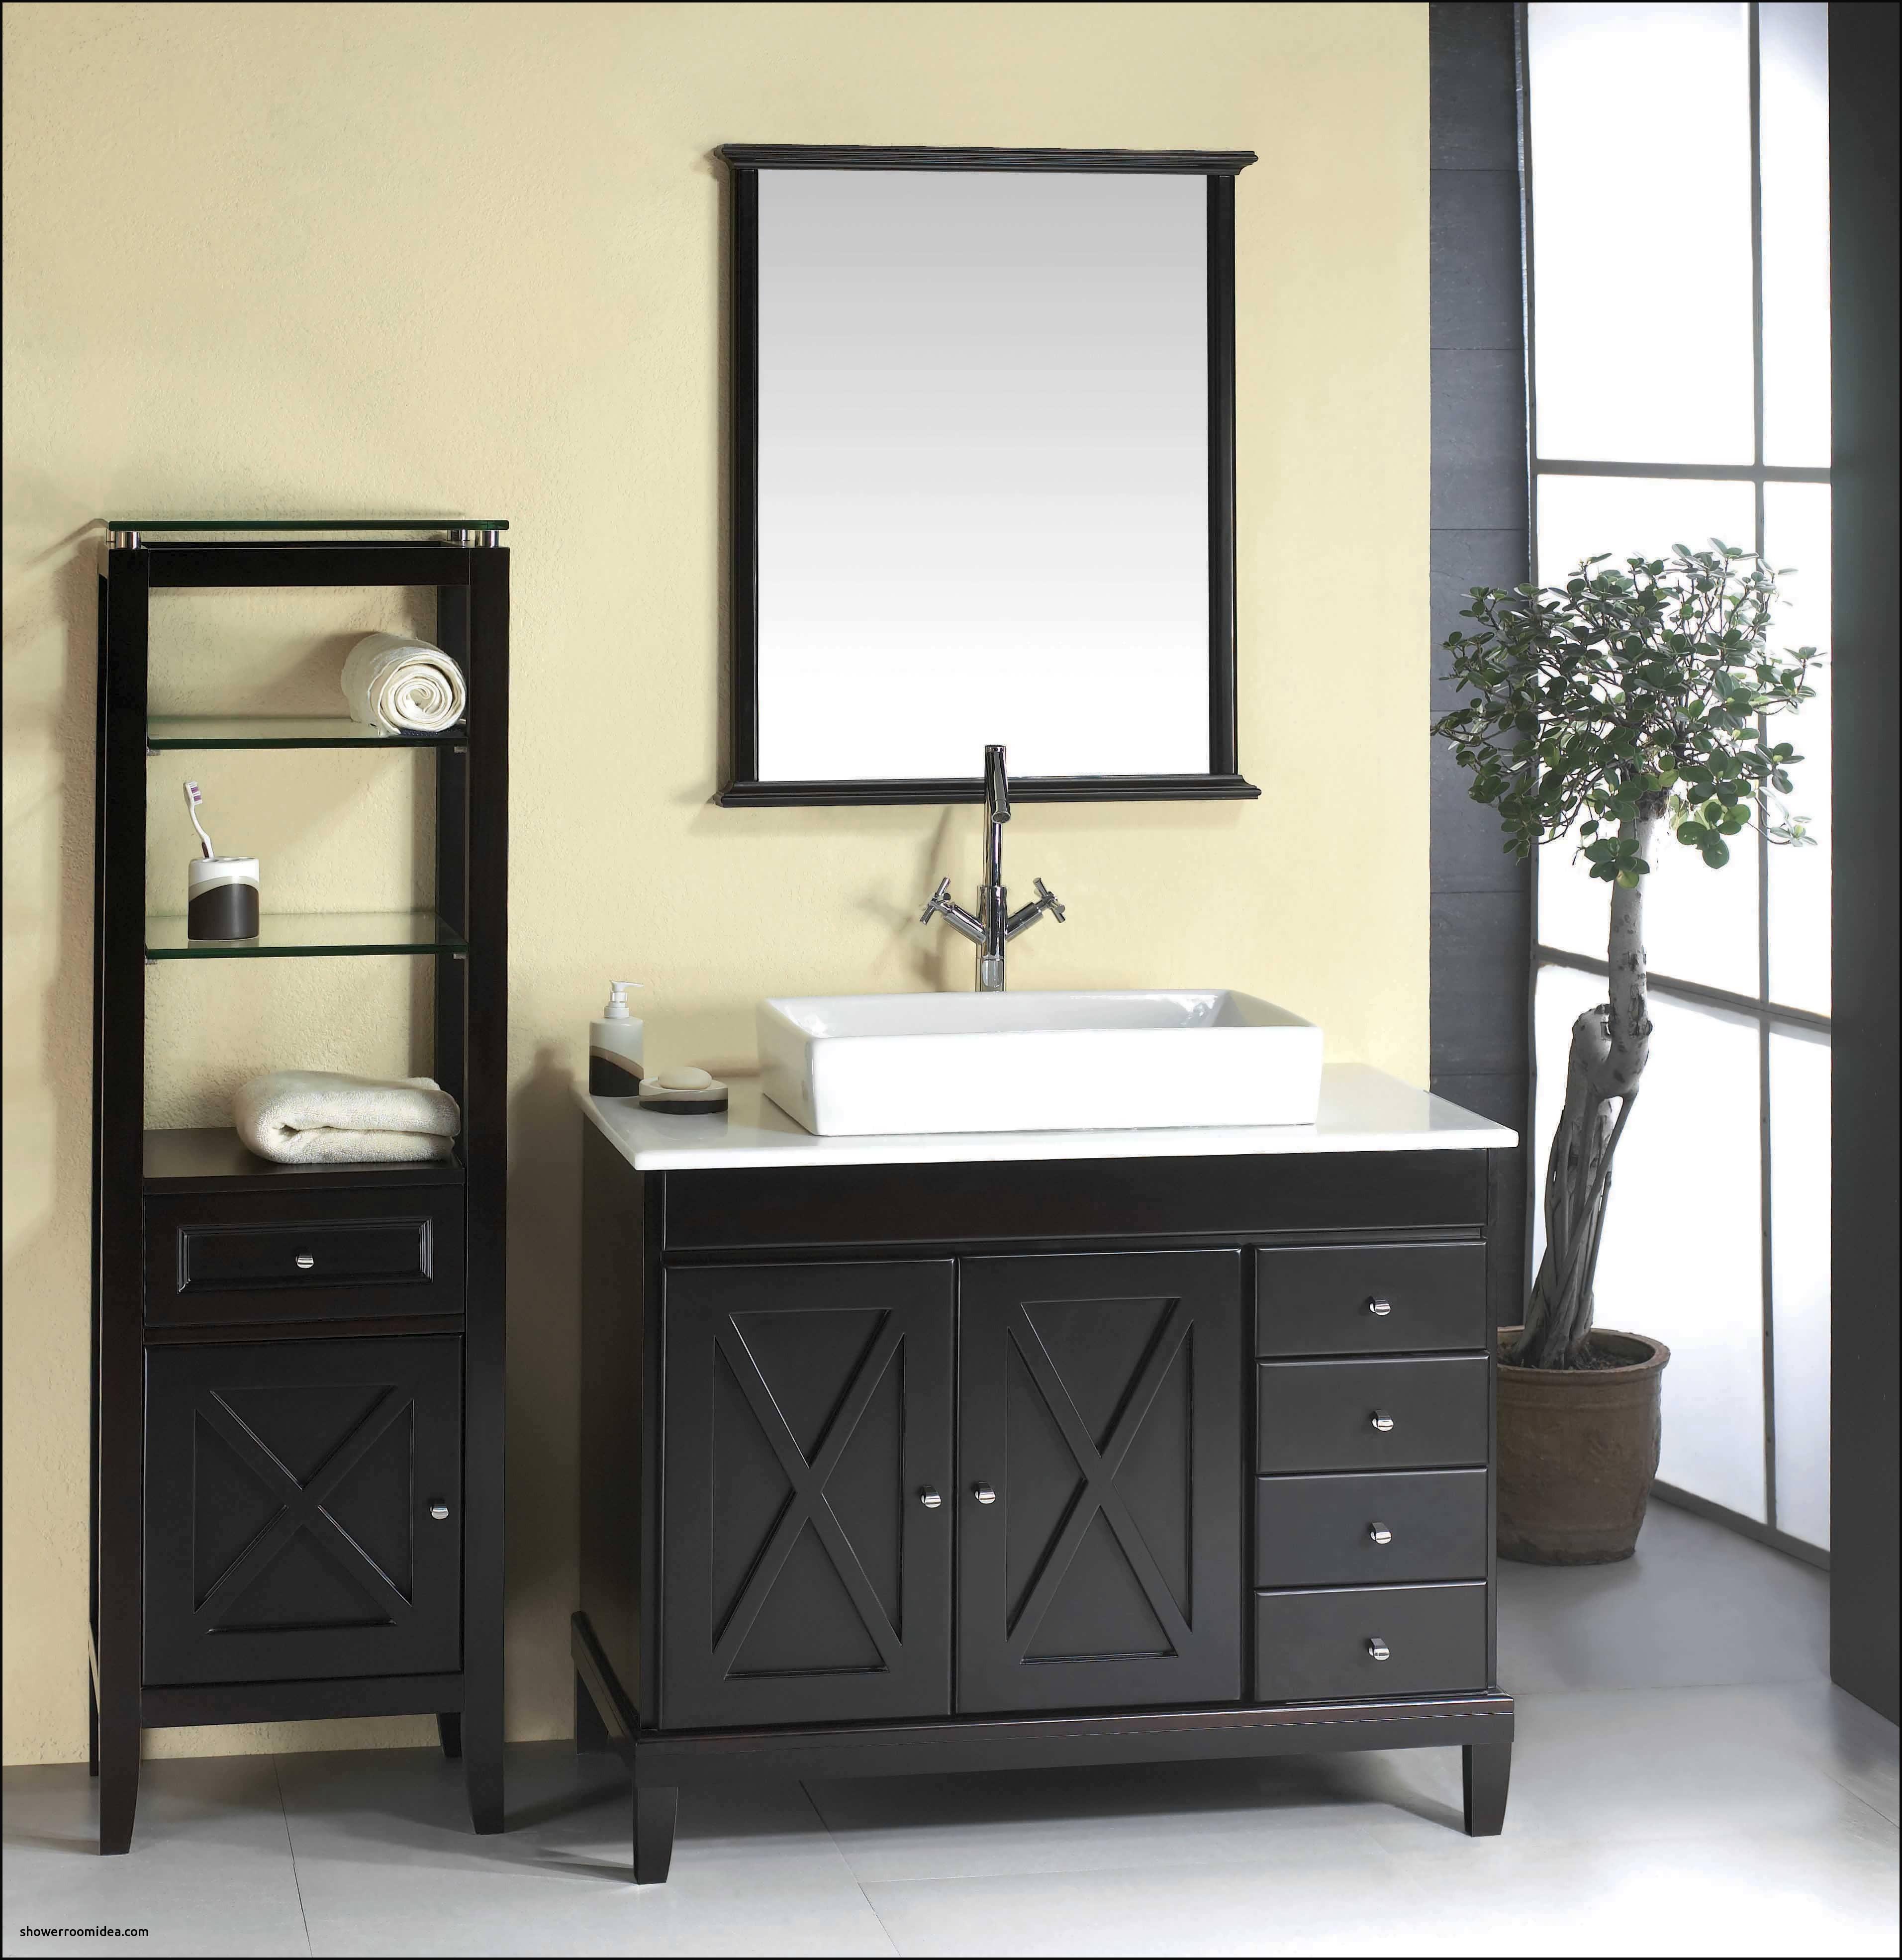 Stylish 42 Inch Bathroom Vanity Plan Bathroom Design Ideas Gallery